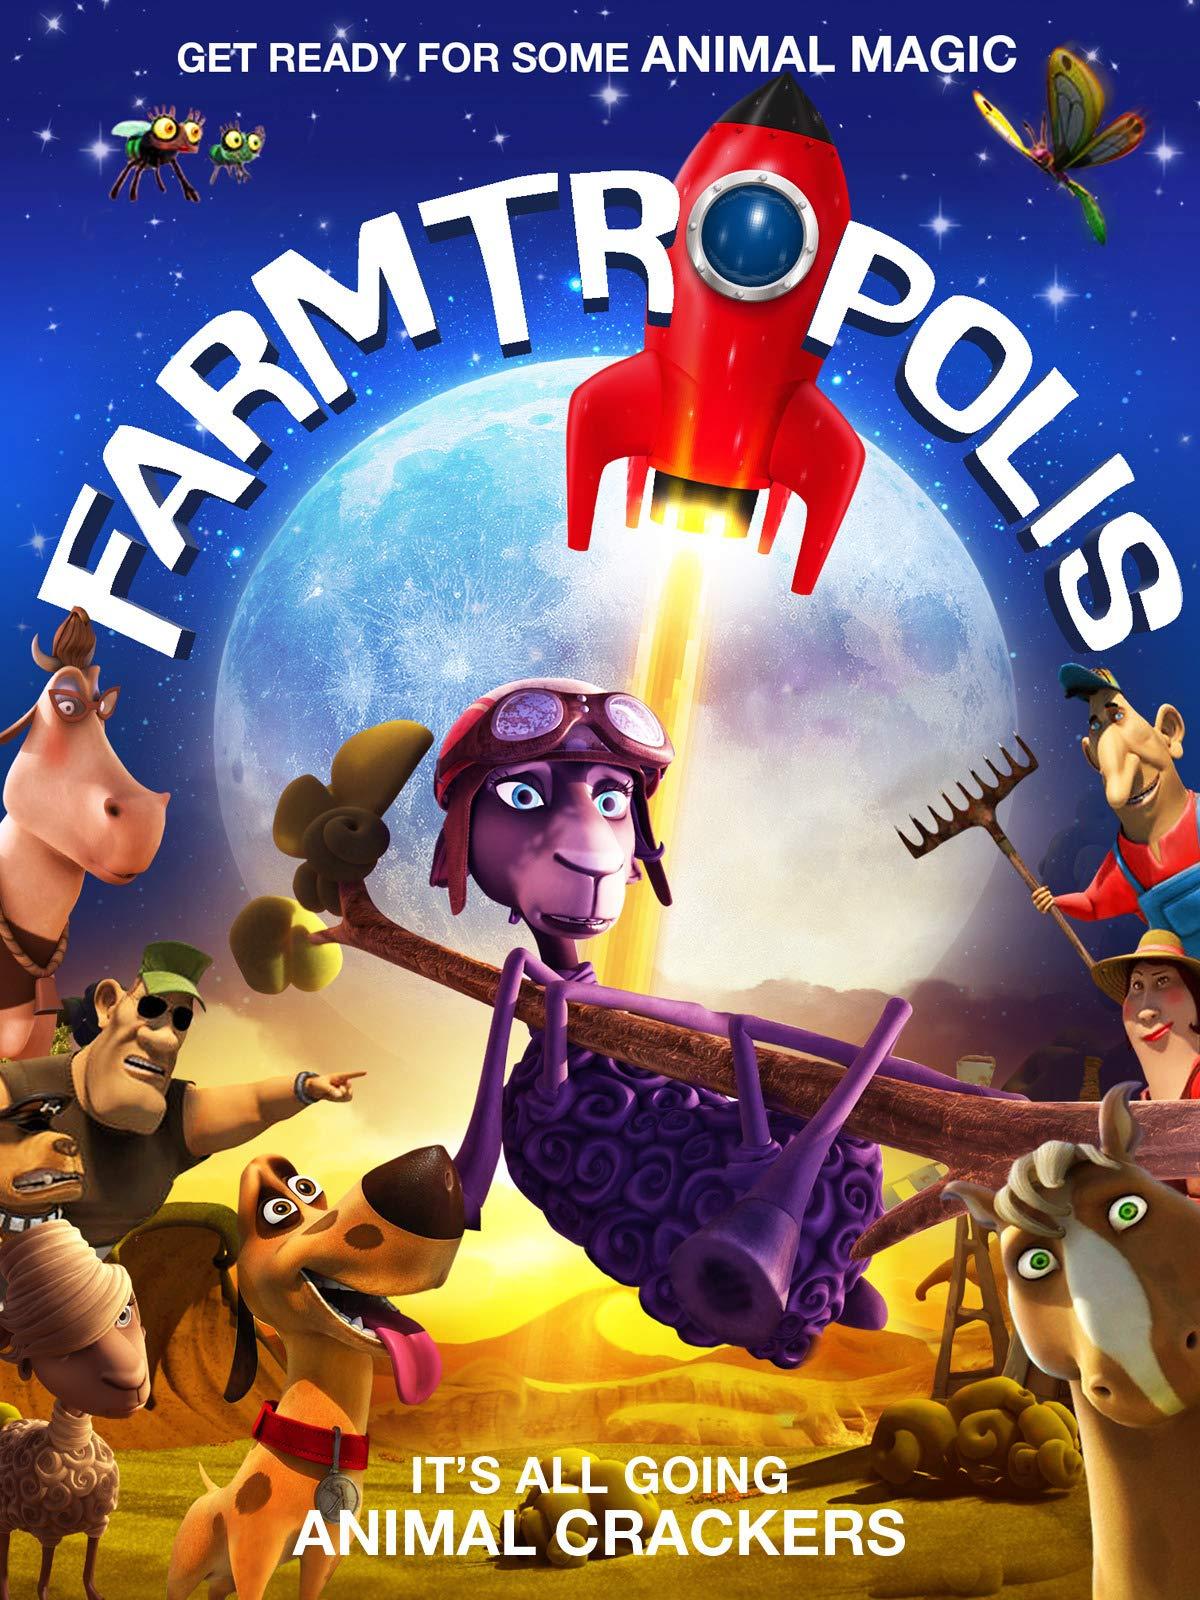 Farmtropolis